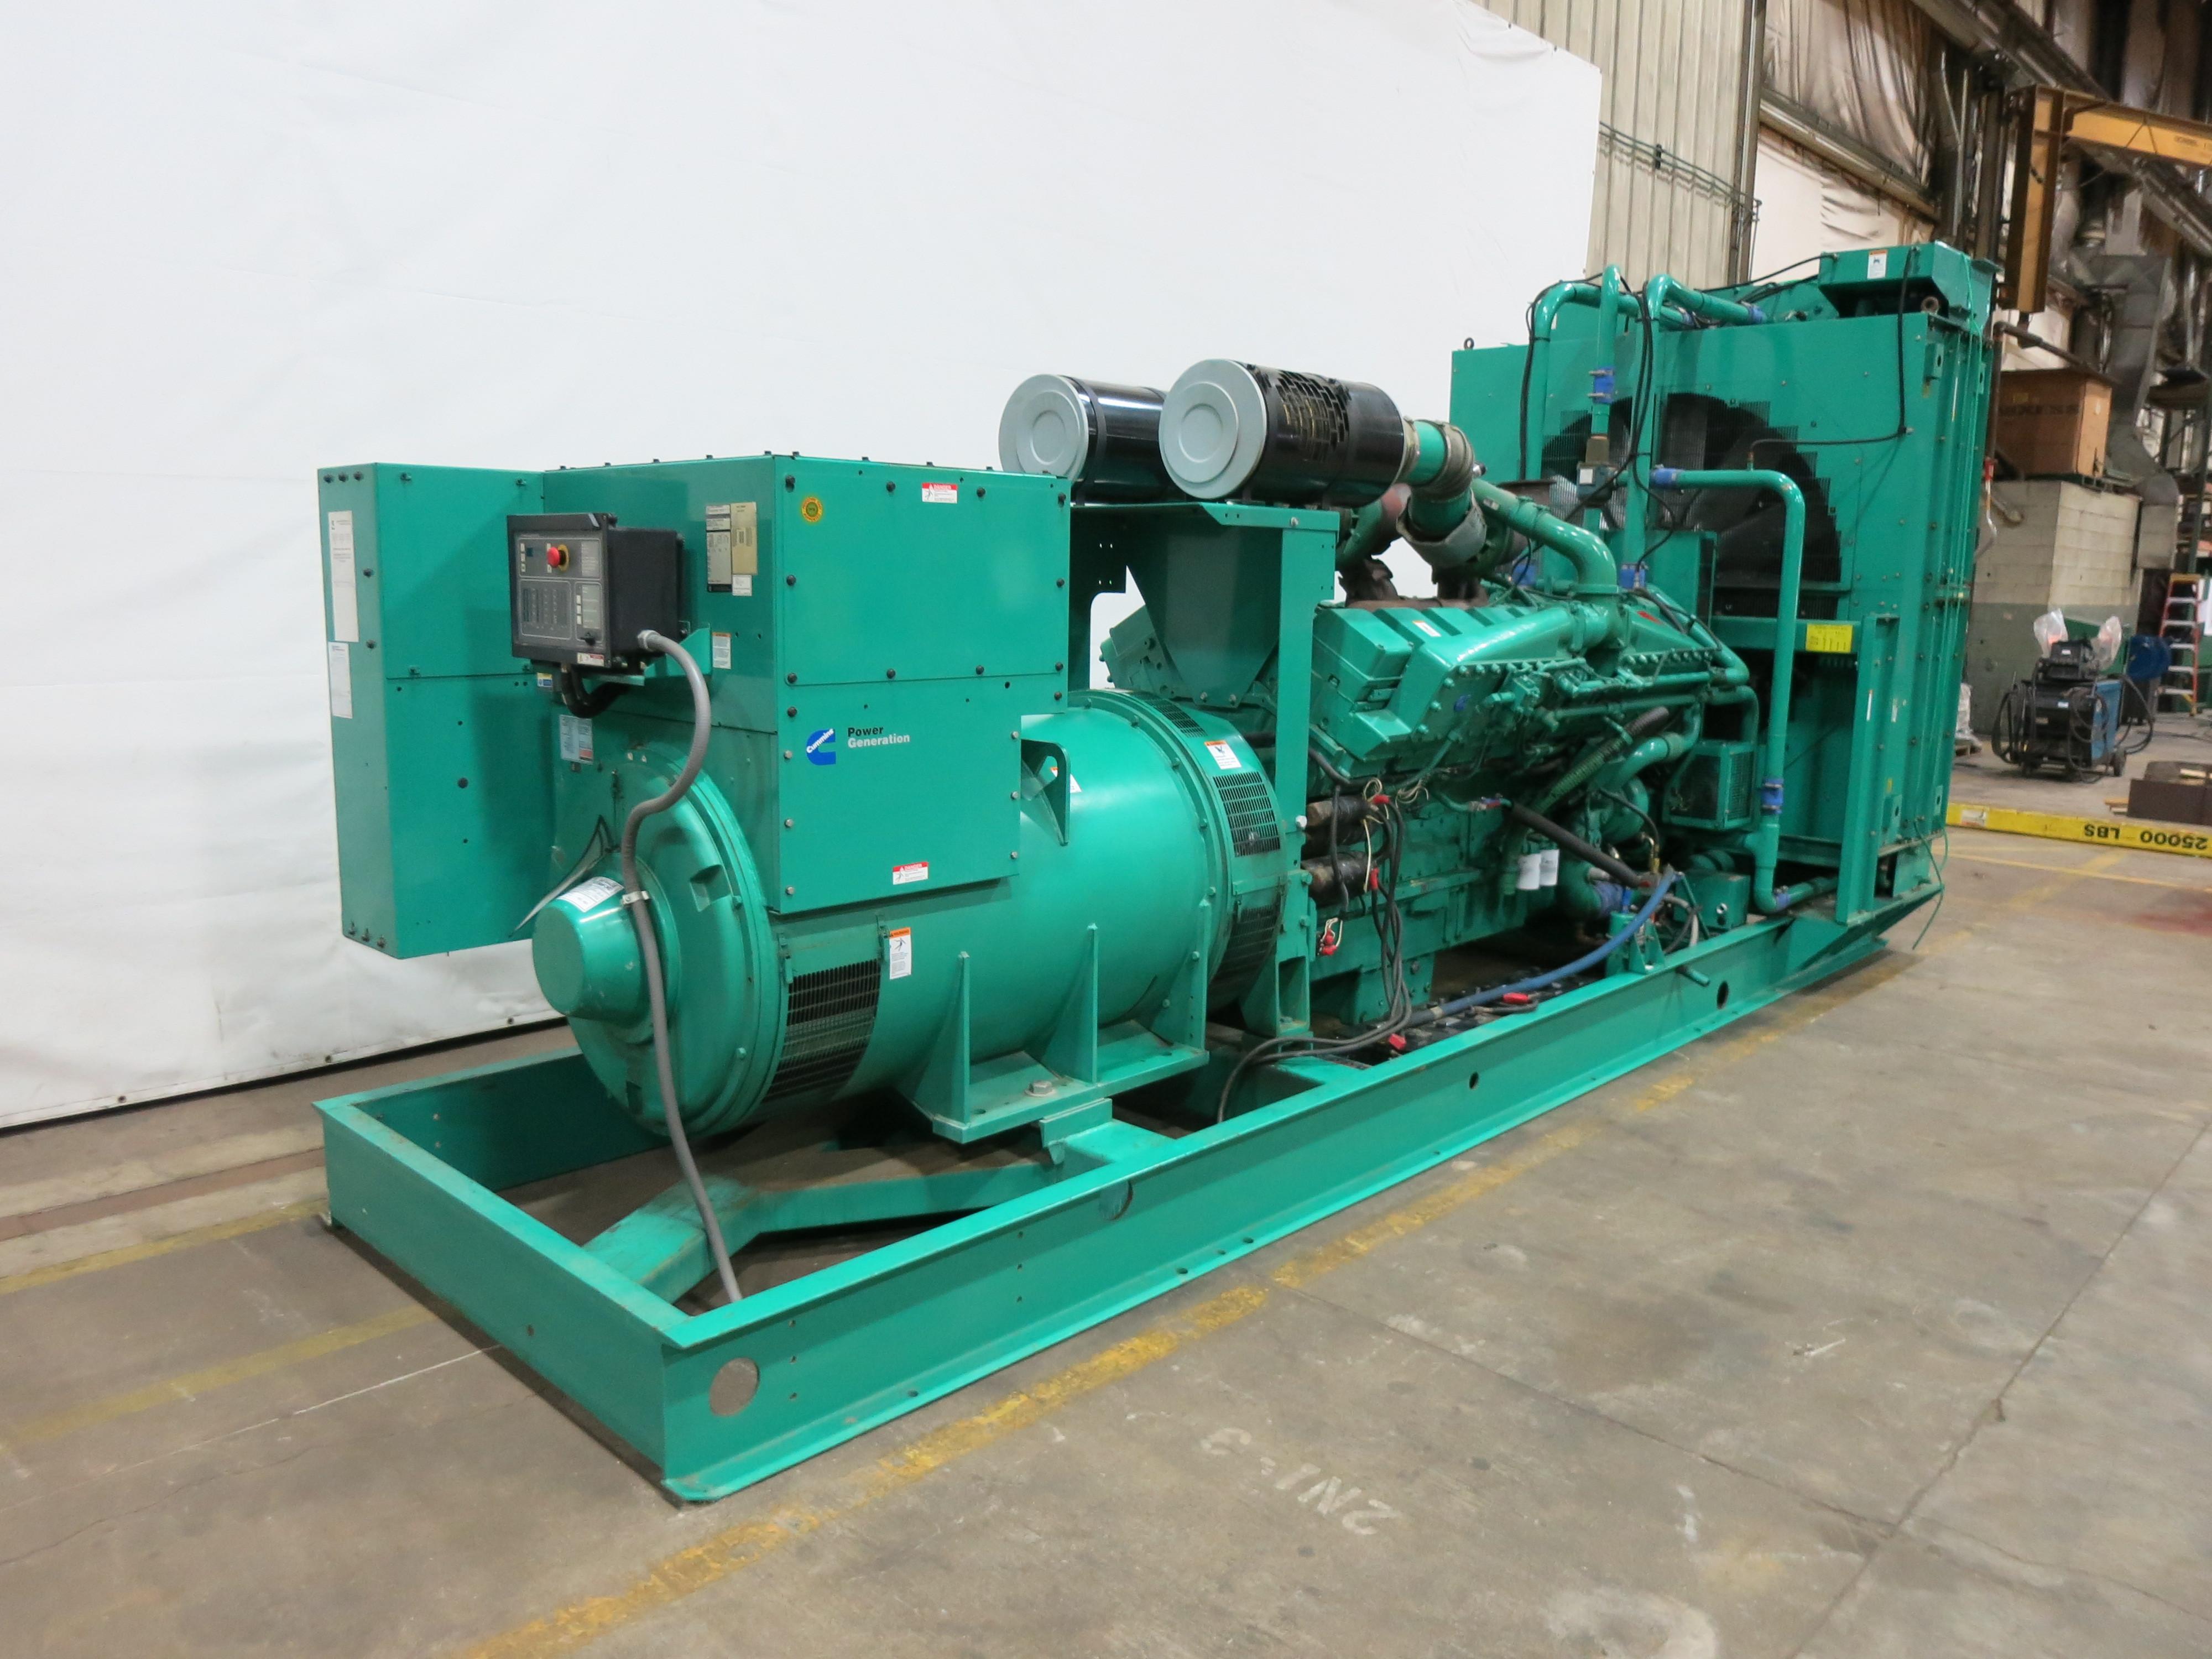 Used Cummins DFLE KTA50-G9 Diesel Generator | 575 Hrs | 1500 KW | 0 Price |  CSDG